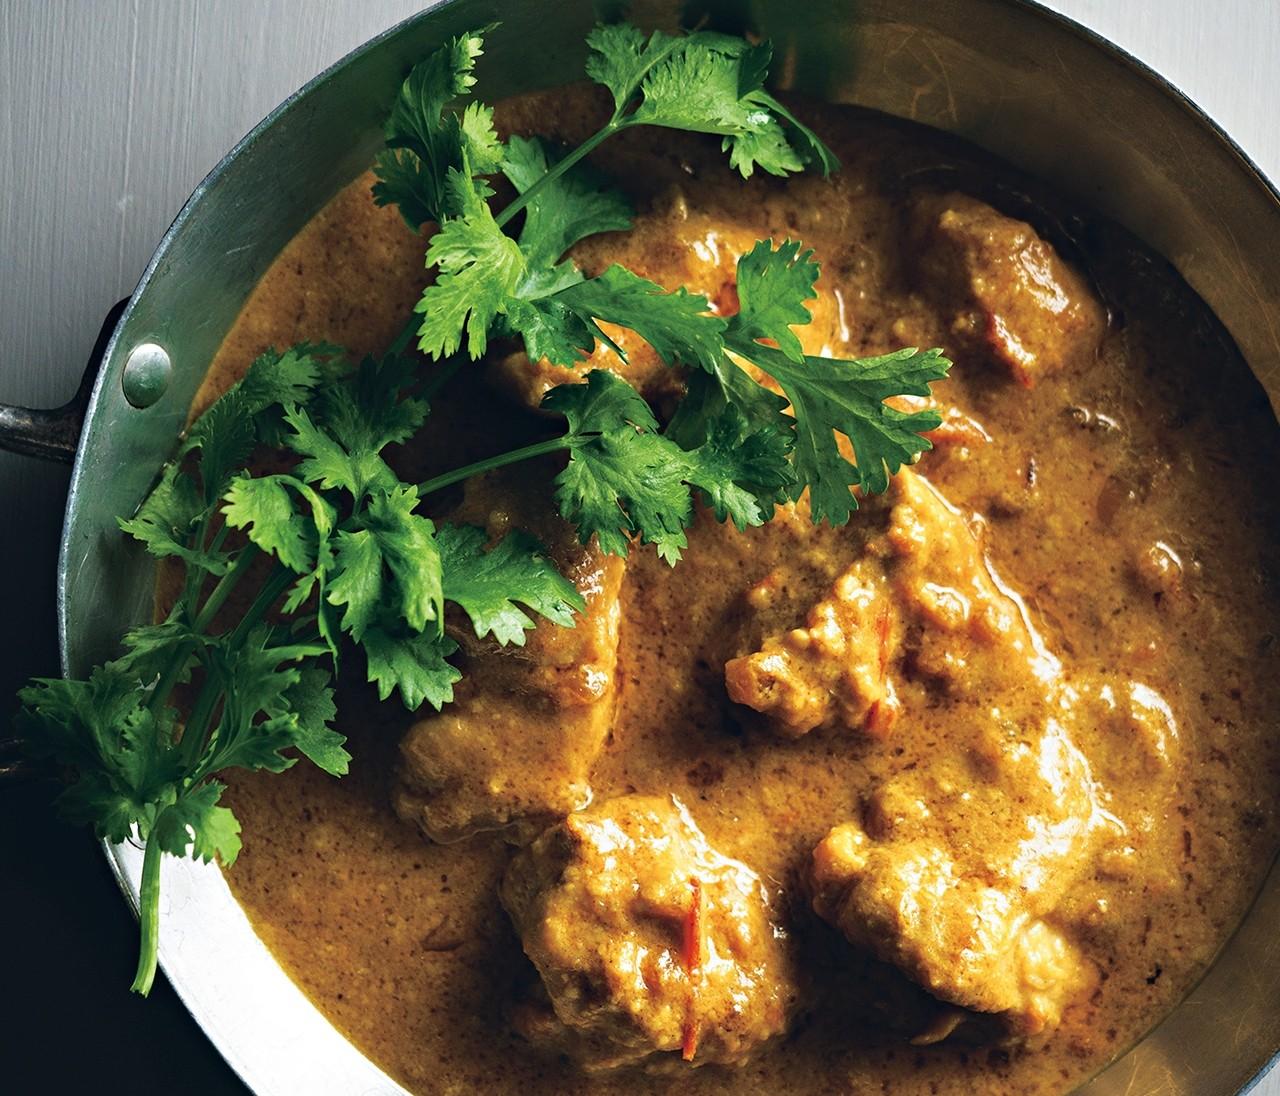 【印度カリー子さんのスパイスレシピ1】簡単&夏バテに効く! 基本のグレイビーの作り方&インドカレーのレシピ3選